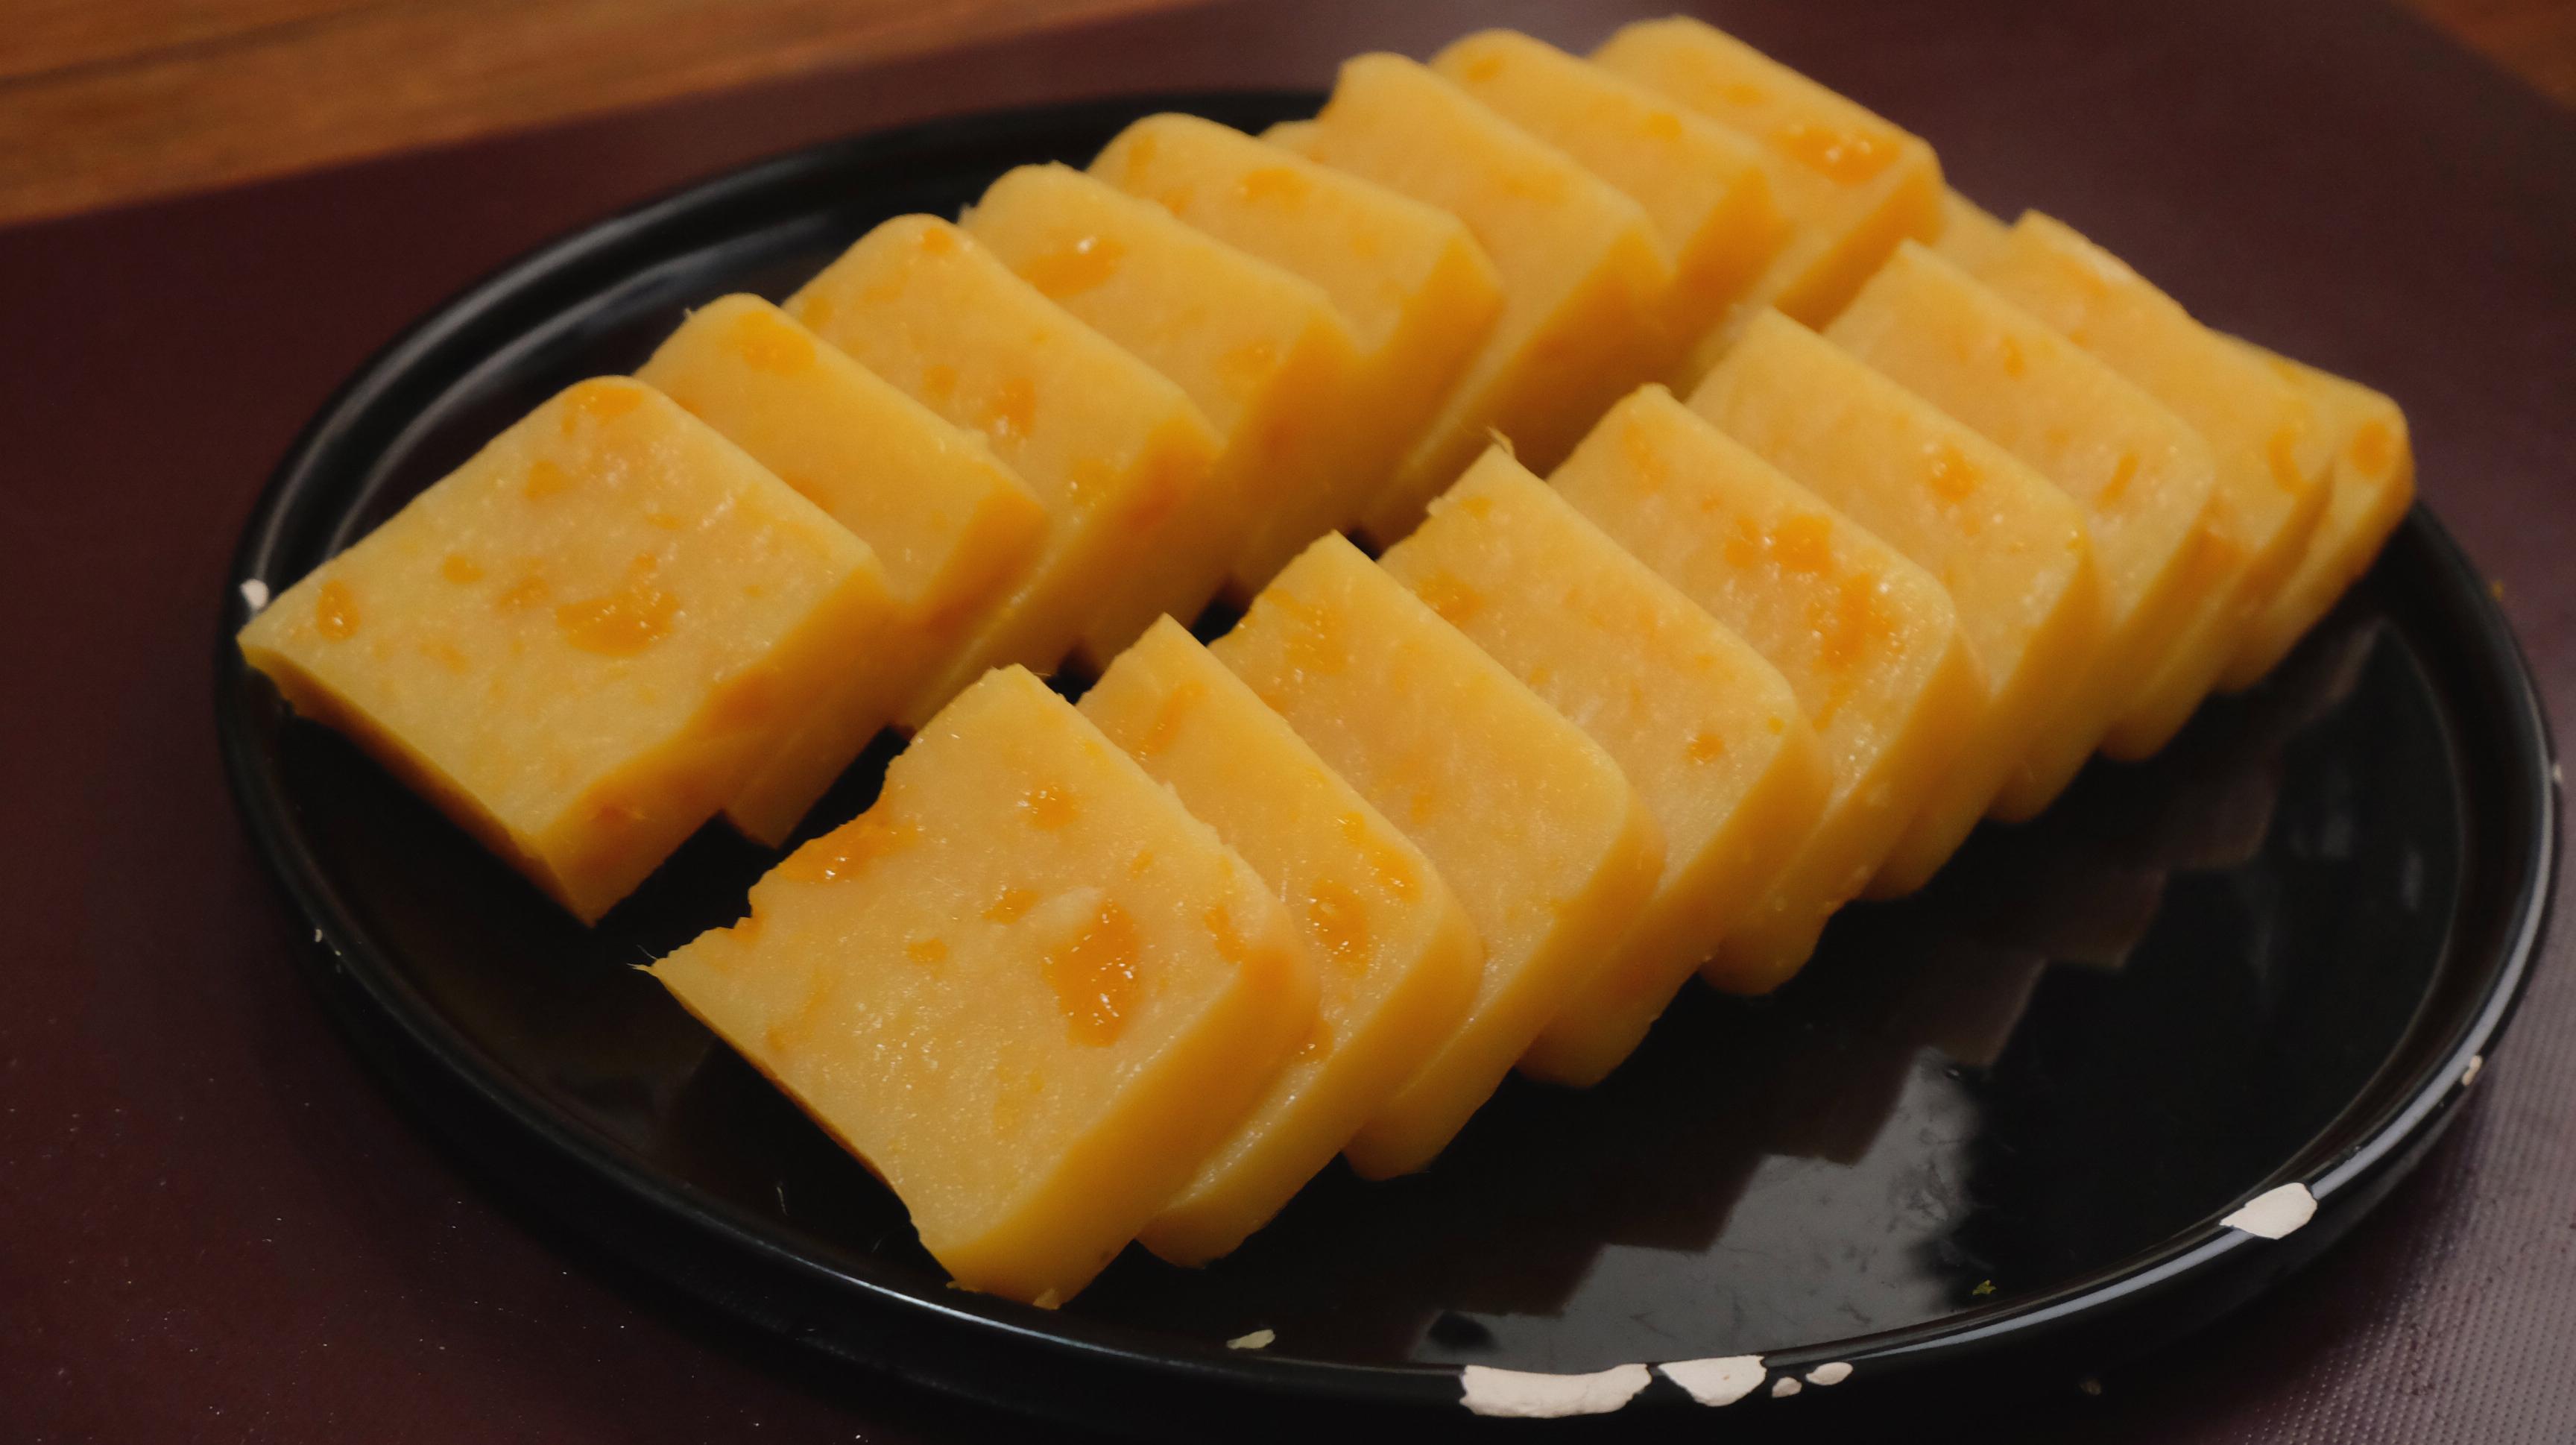 芒果不要直接吃,学会这个做法,5分钟煮一锅,清爽解腻